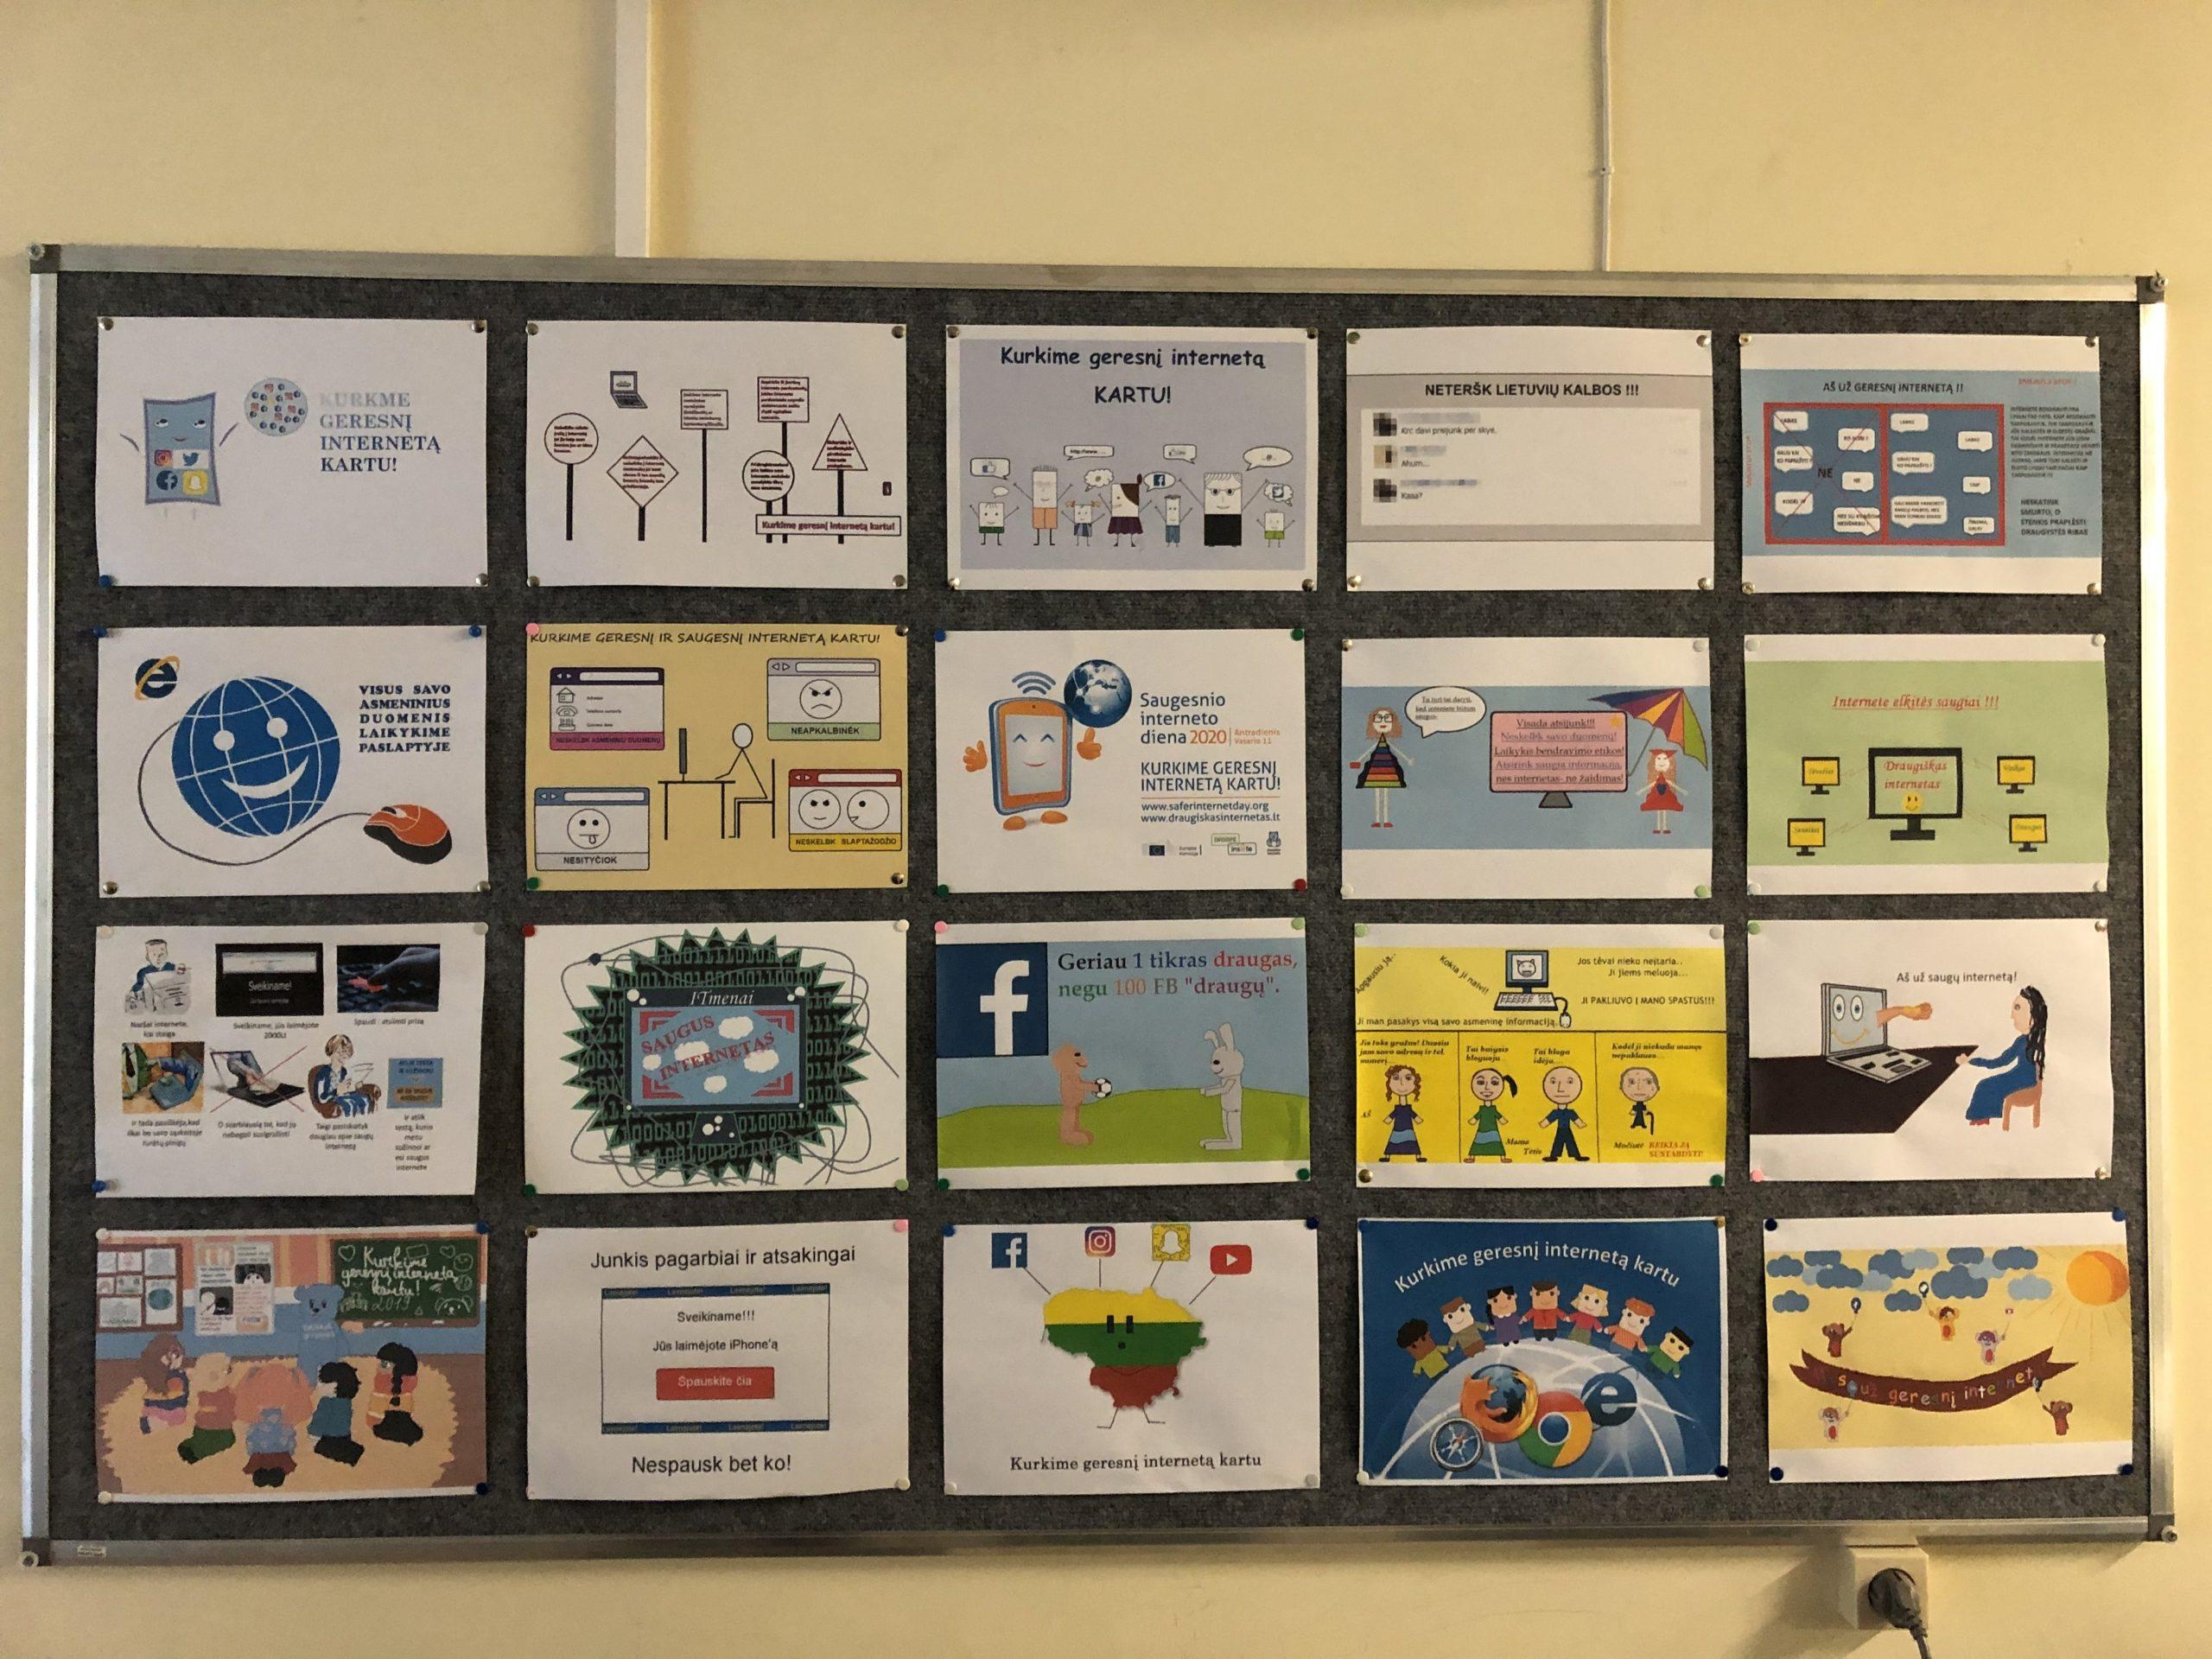 """""""Saugesnio interneto"""" dienai paminėti mokyklose vyko piešinių parodos ir konkursai"""